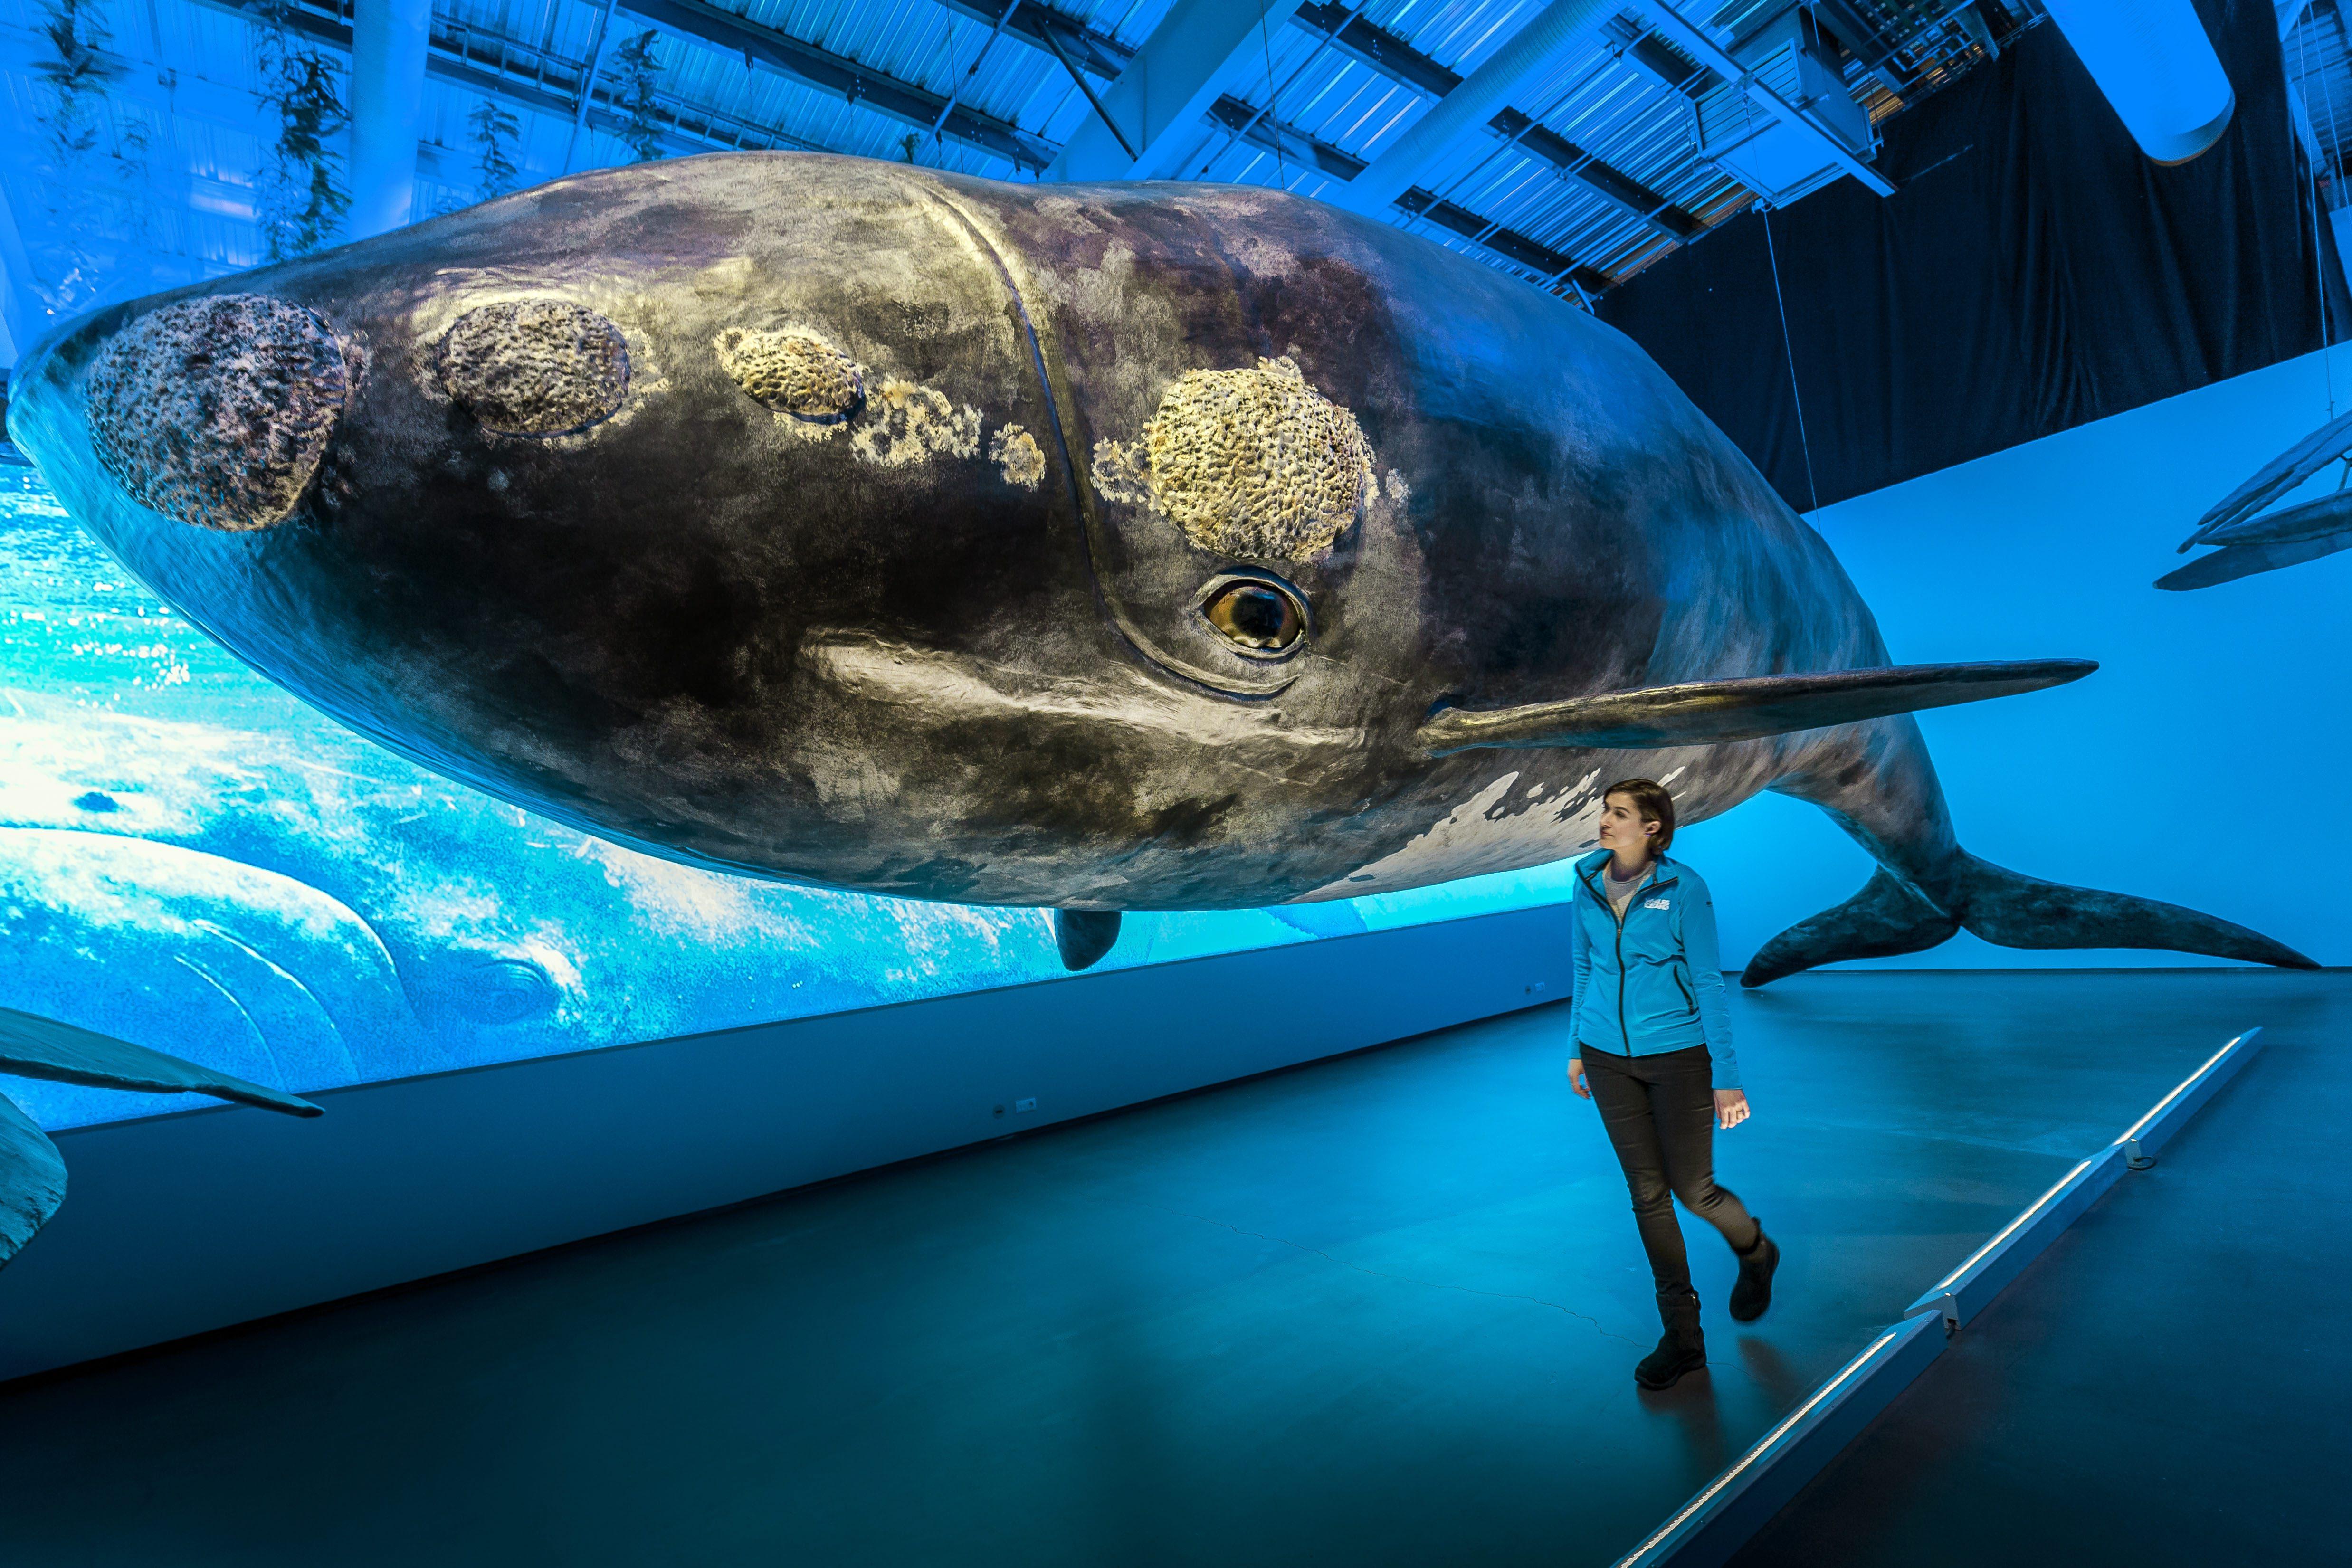 โมเดลวาฬขนาดใหญ่